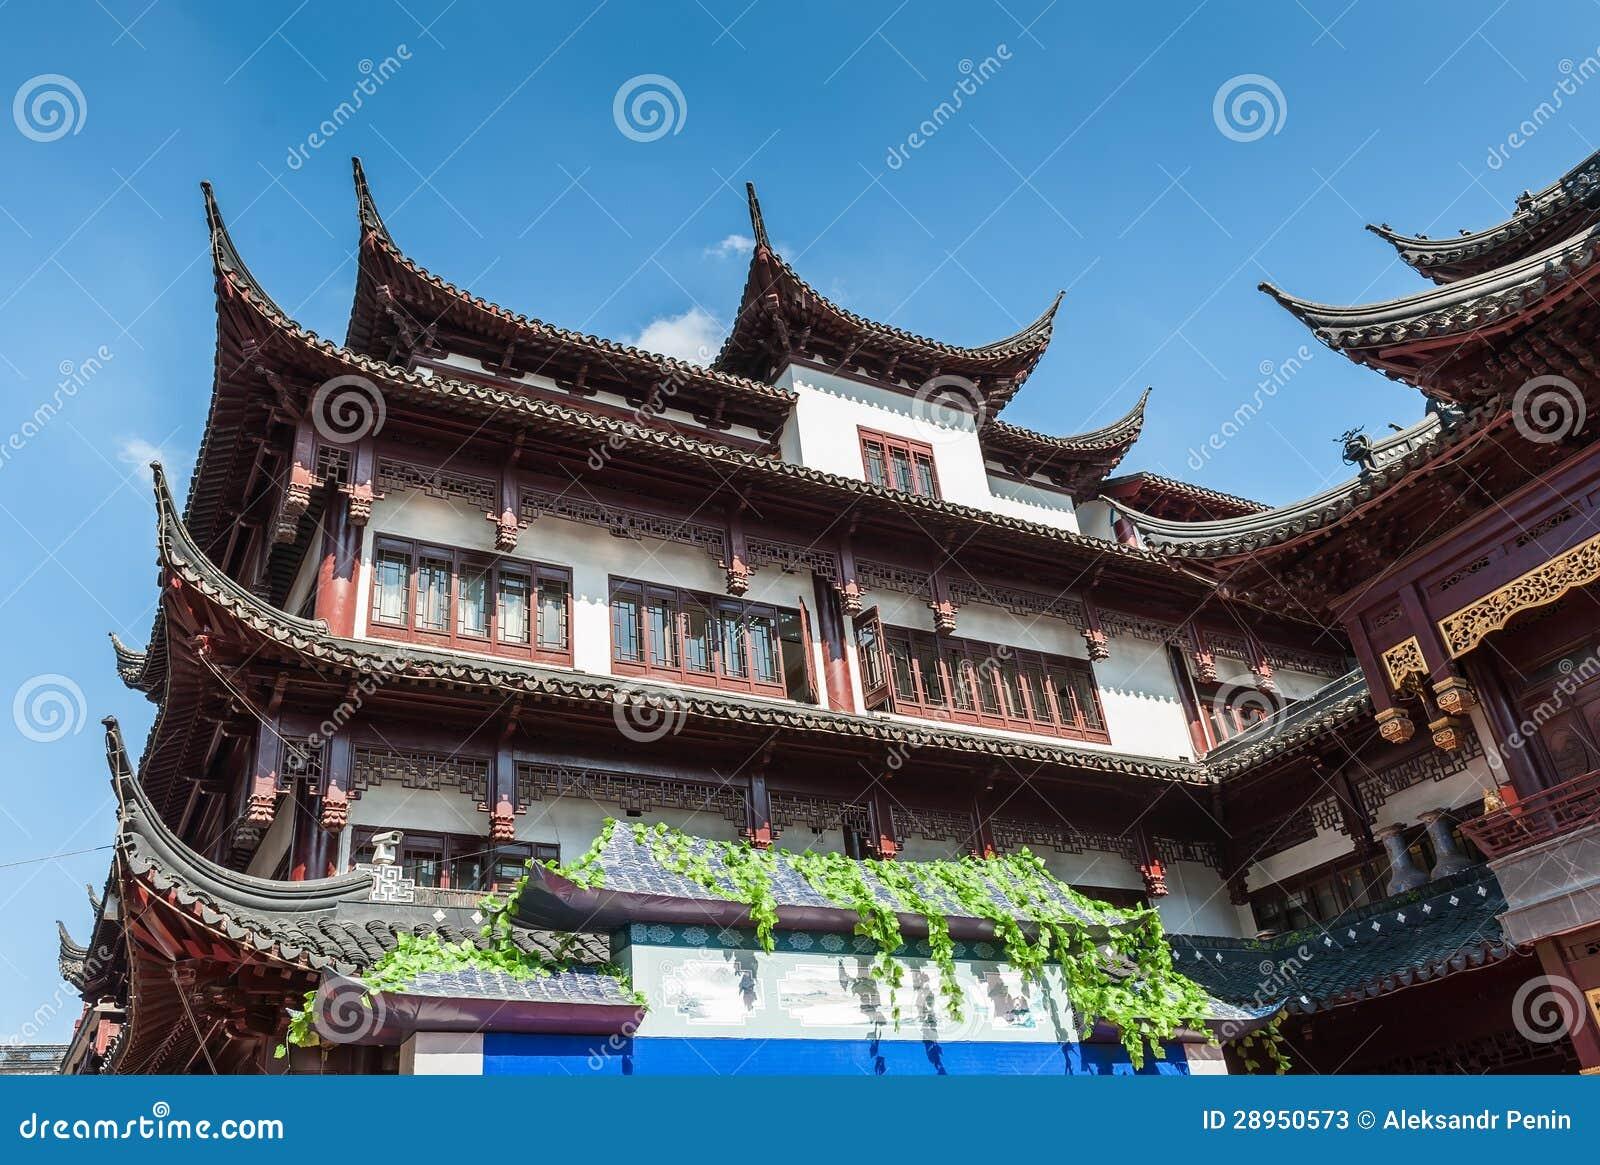 casa del cinese tradizionale con i bei tetti scolpiti in